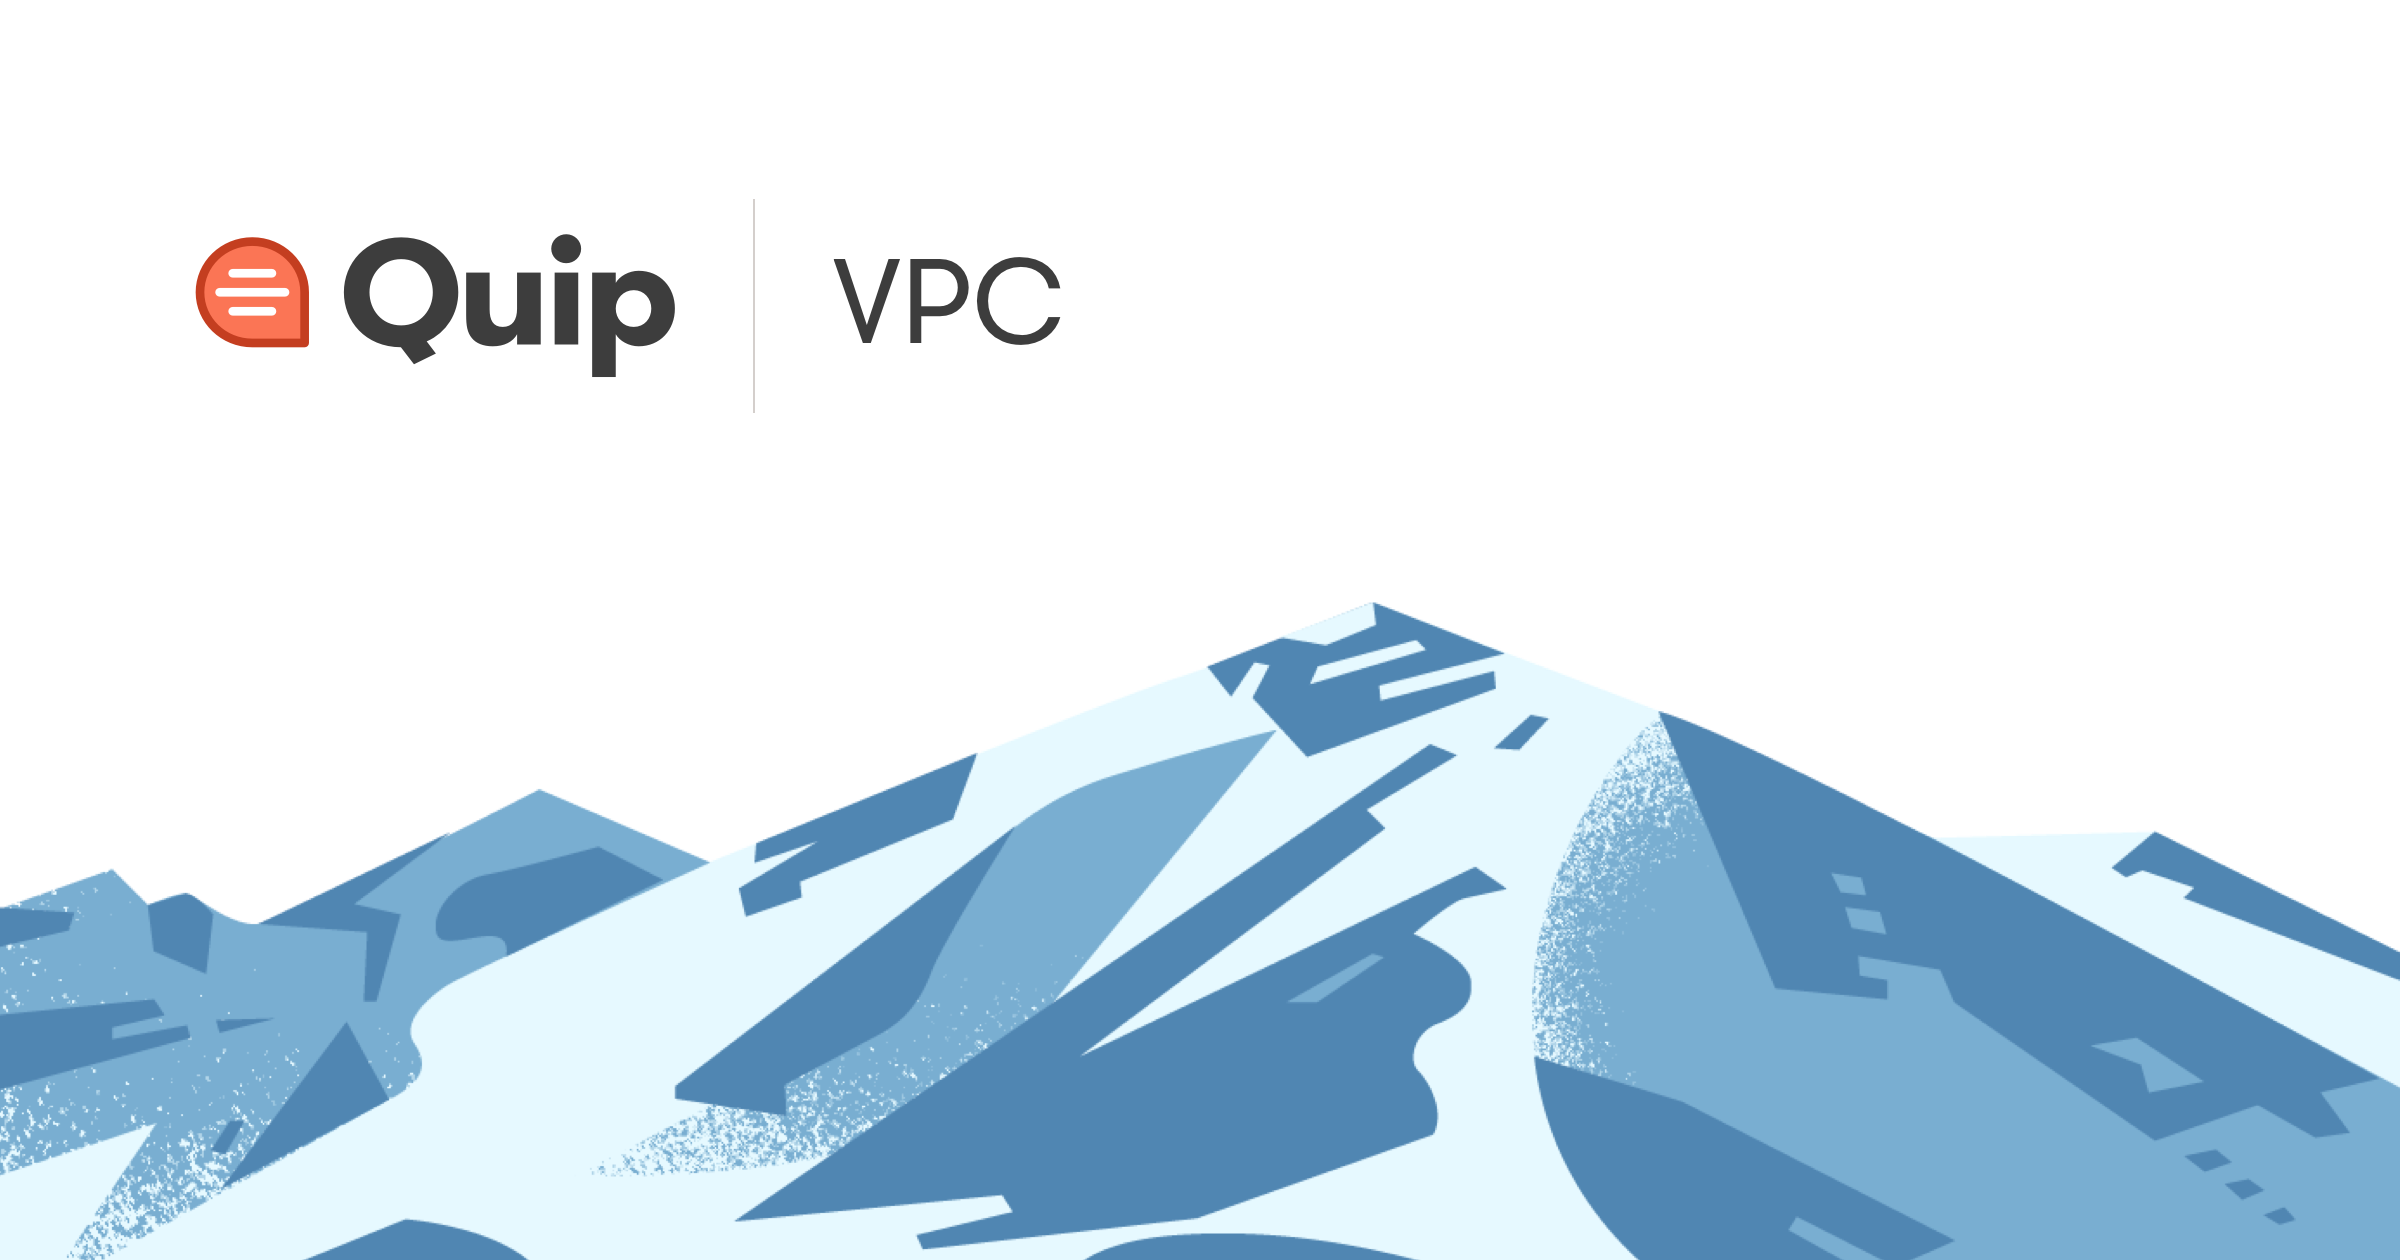 Quip - VPC